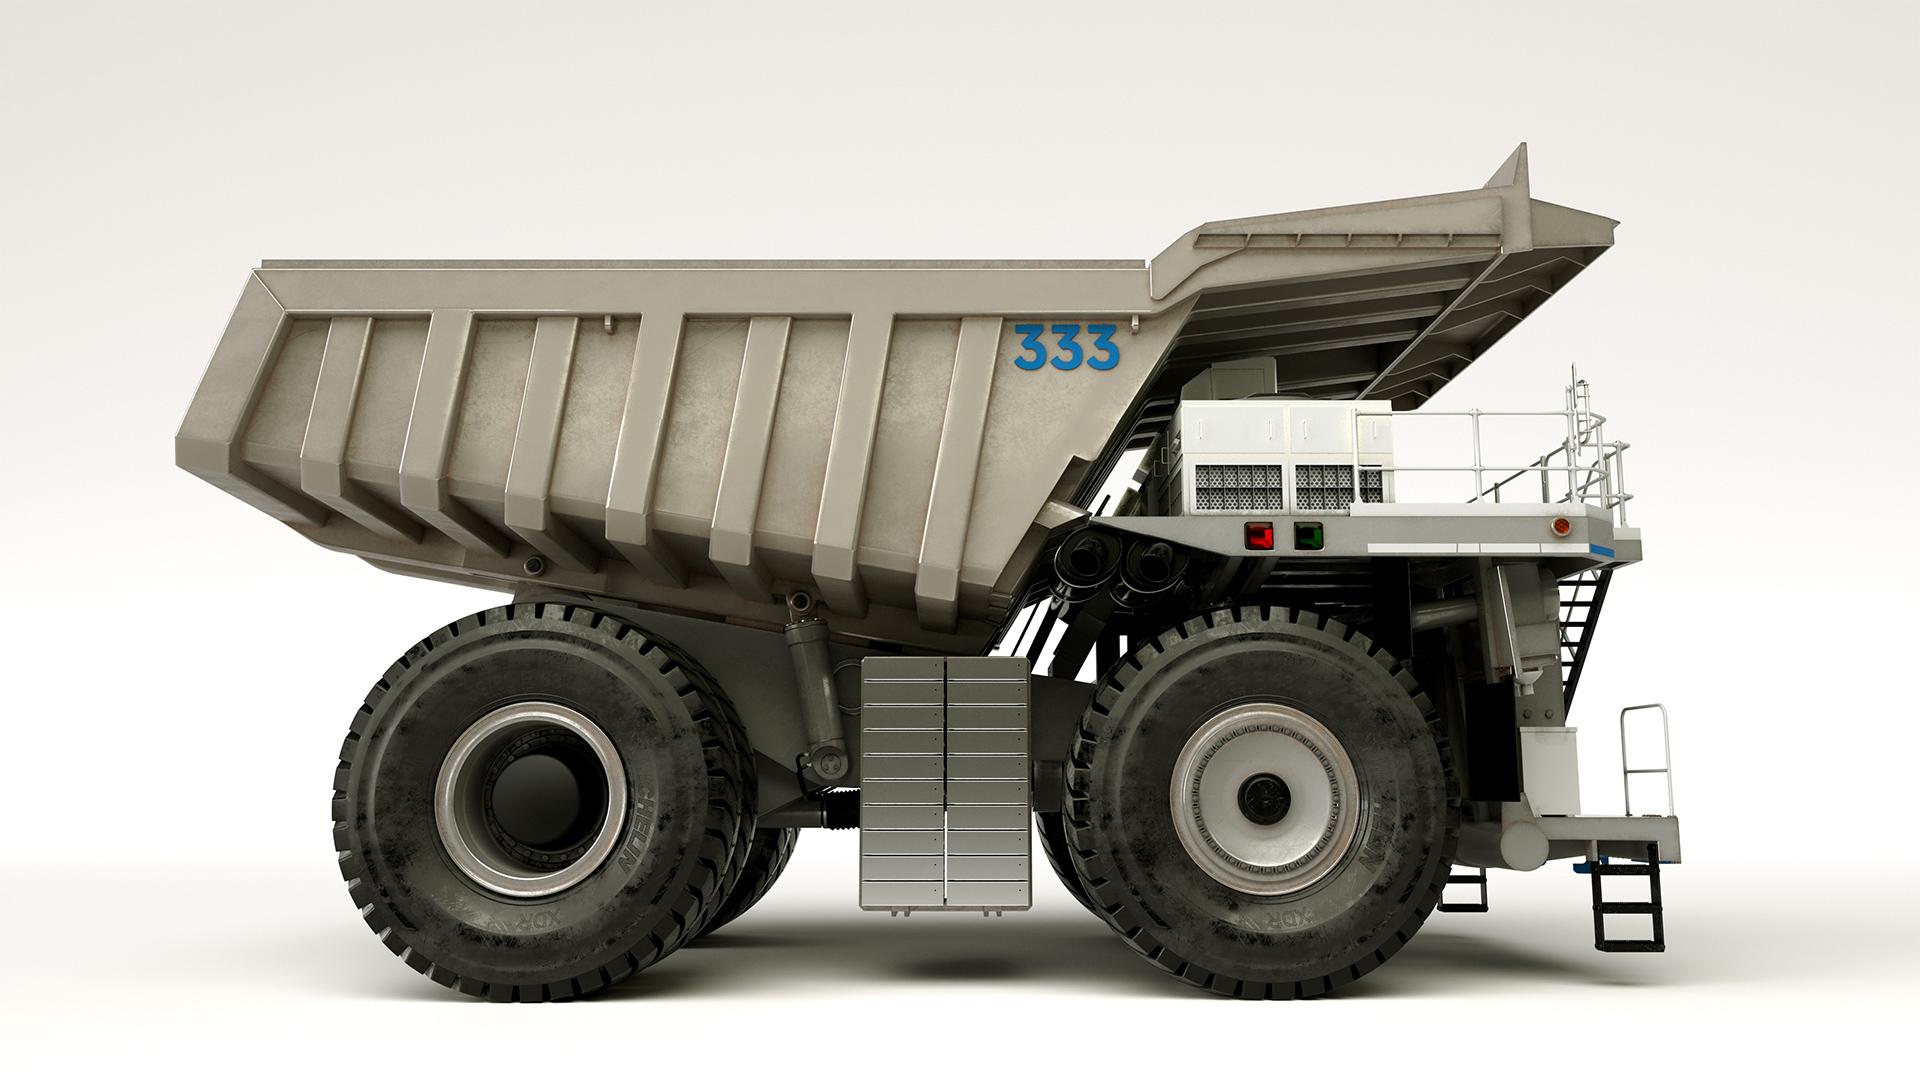 Rolls-Royce revela seu novo híbrido: um caminhão 35.7 com 2216 cv